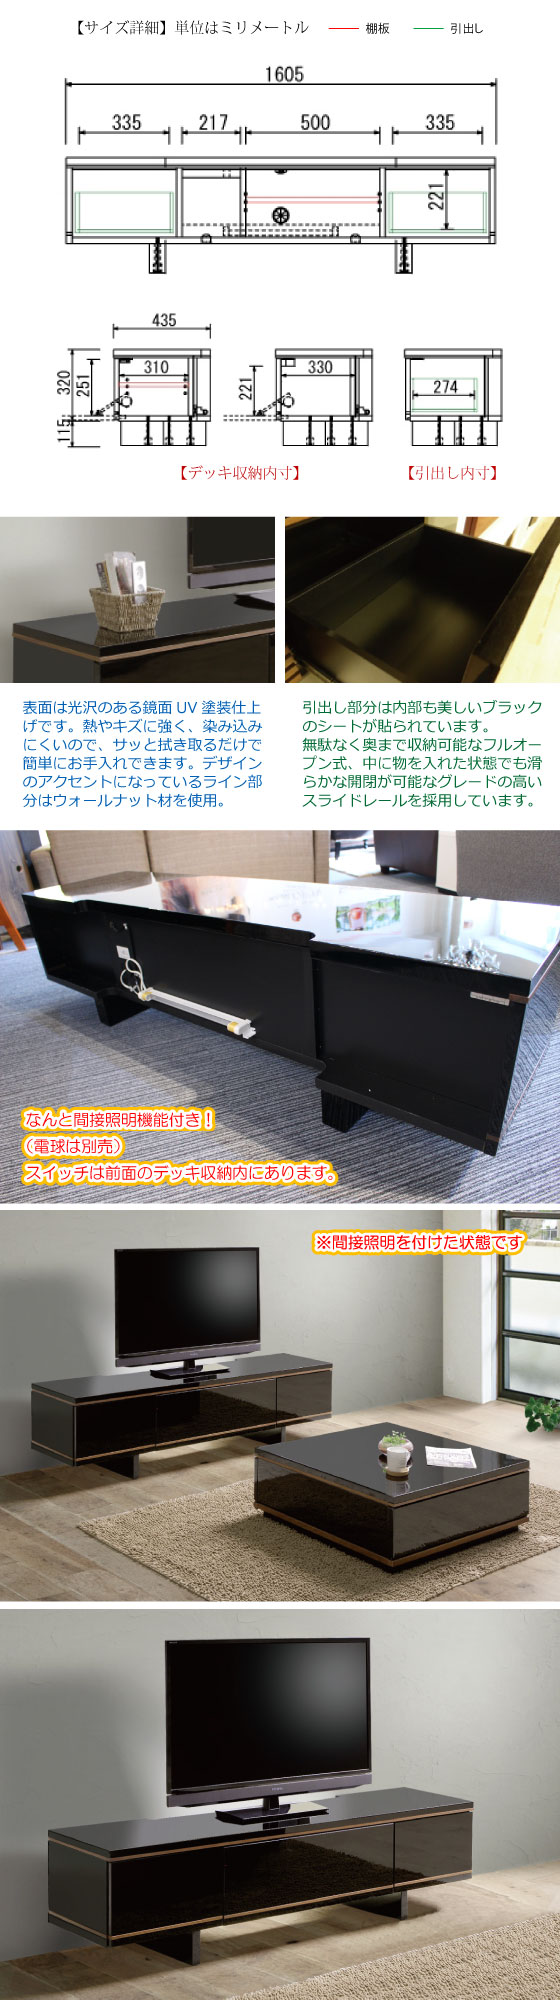 【アウトレット超特価】設置サービス付き!鏡面光沢ブラック幅160cmテレビボード(完成品・間接照明機能付き)【完売しました】